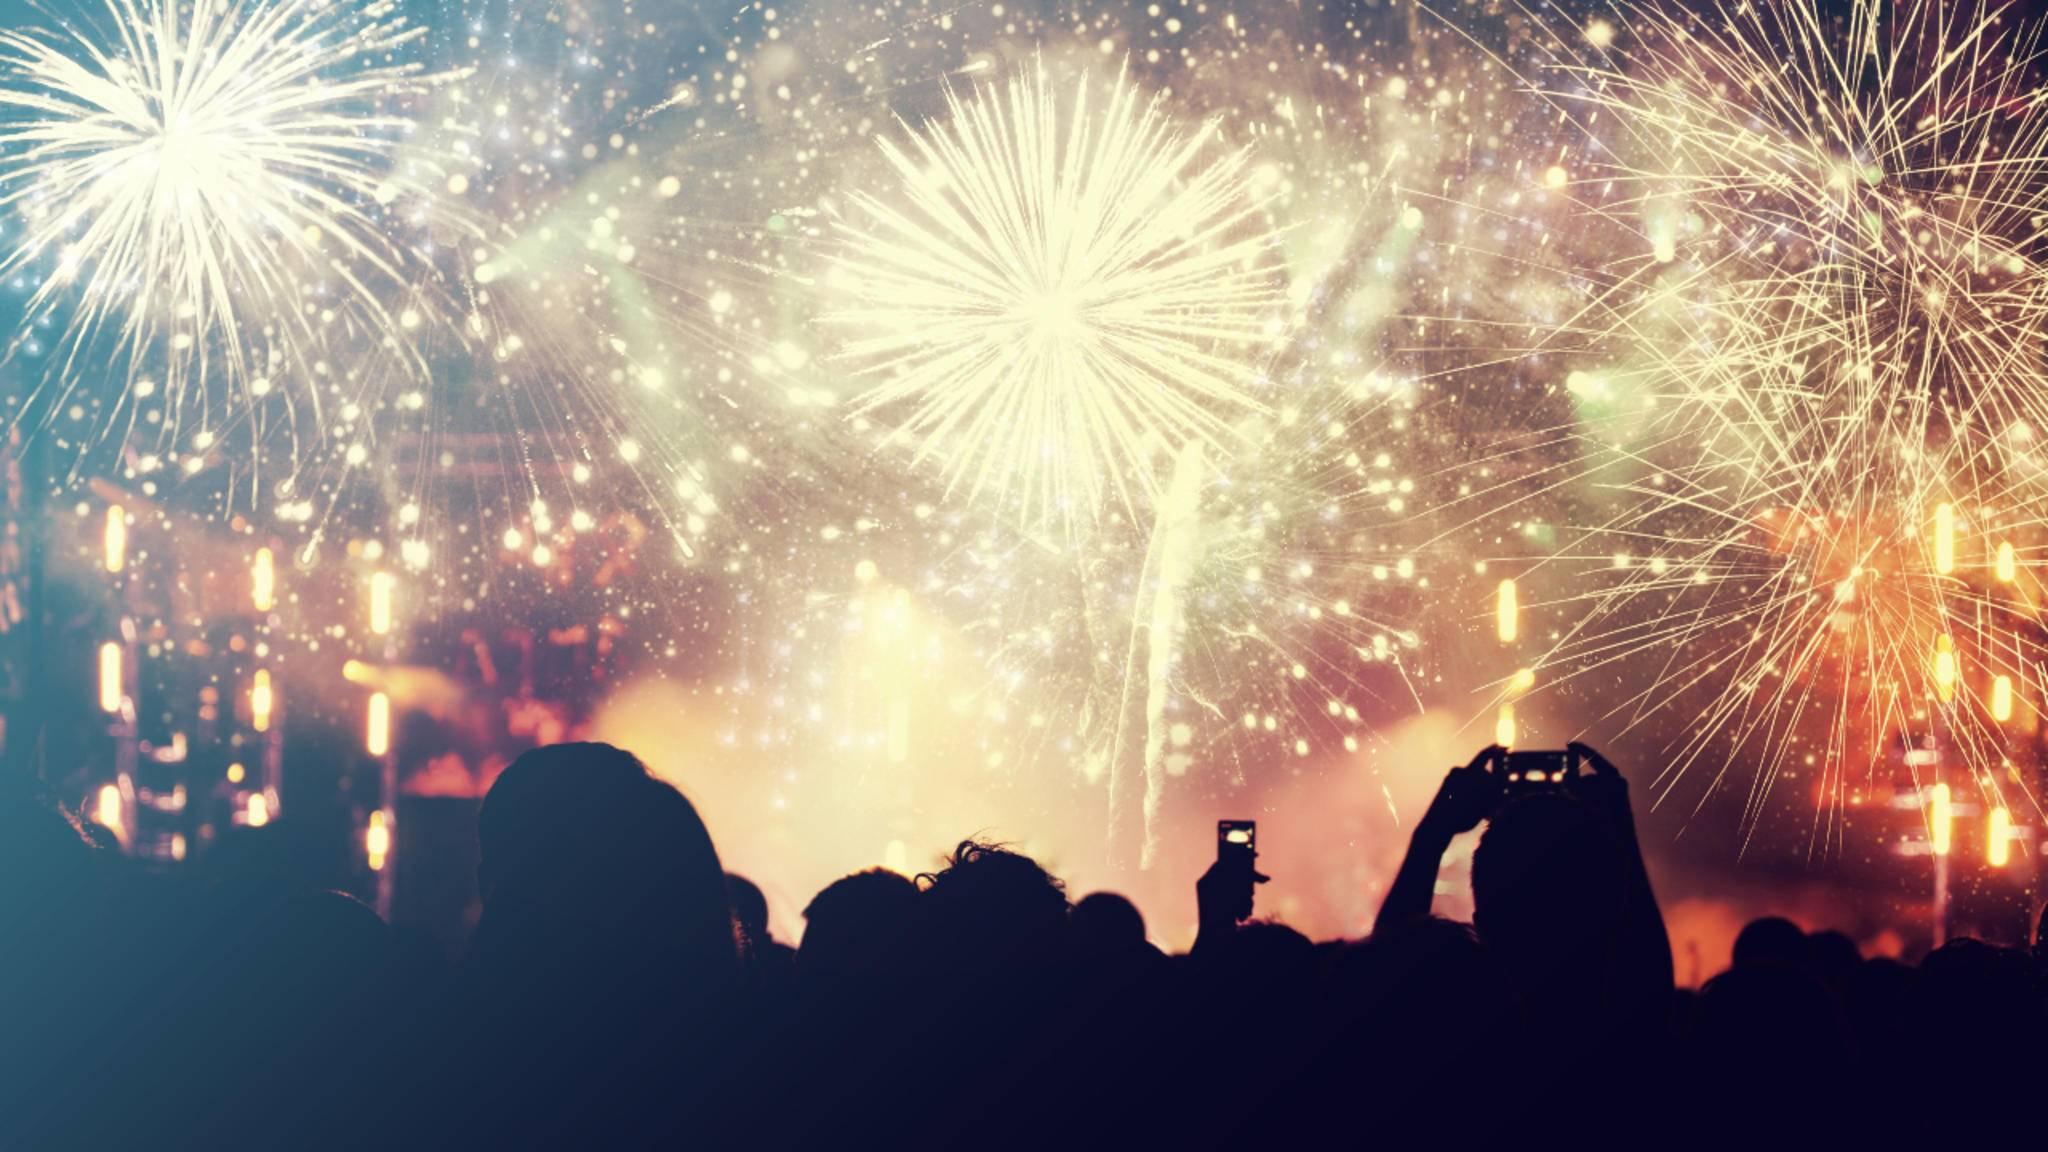 Für das perfekte Feuerwerksfoto braucht der Fotograf immer auch etwas Glück.